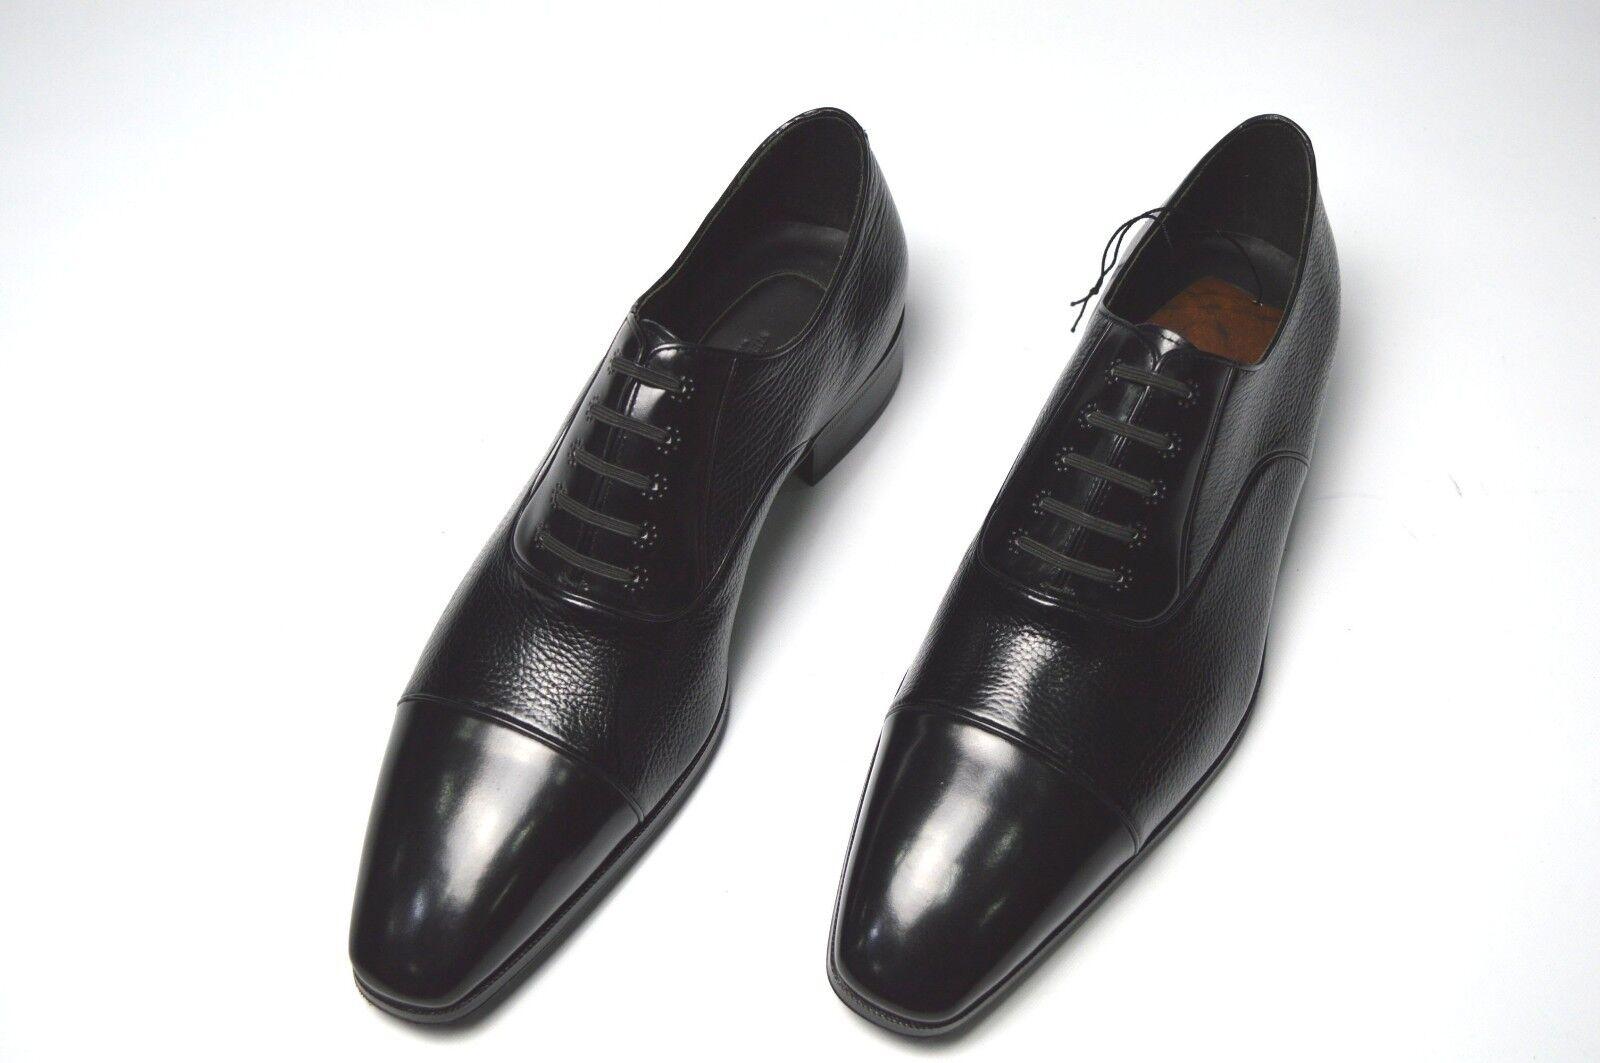 Nuevo vestido de cuero de lujo STEFANO RICCI Zapatos Talla nos 11 (A347)